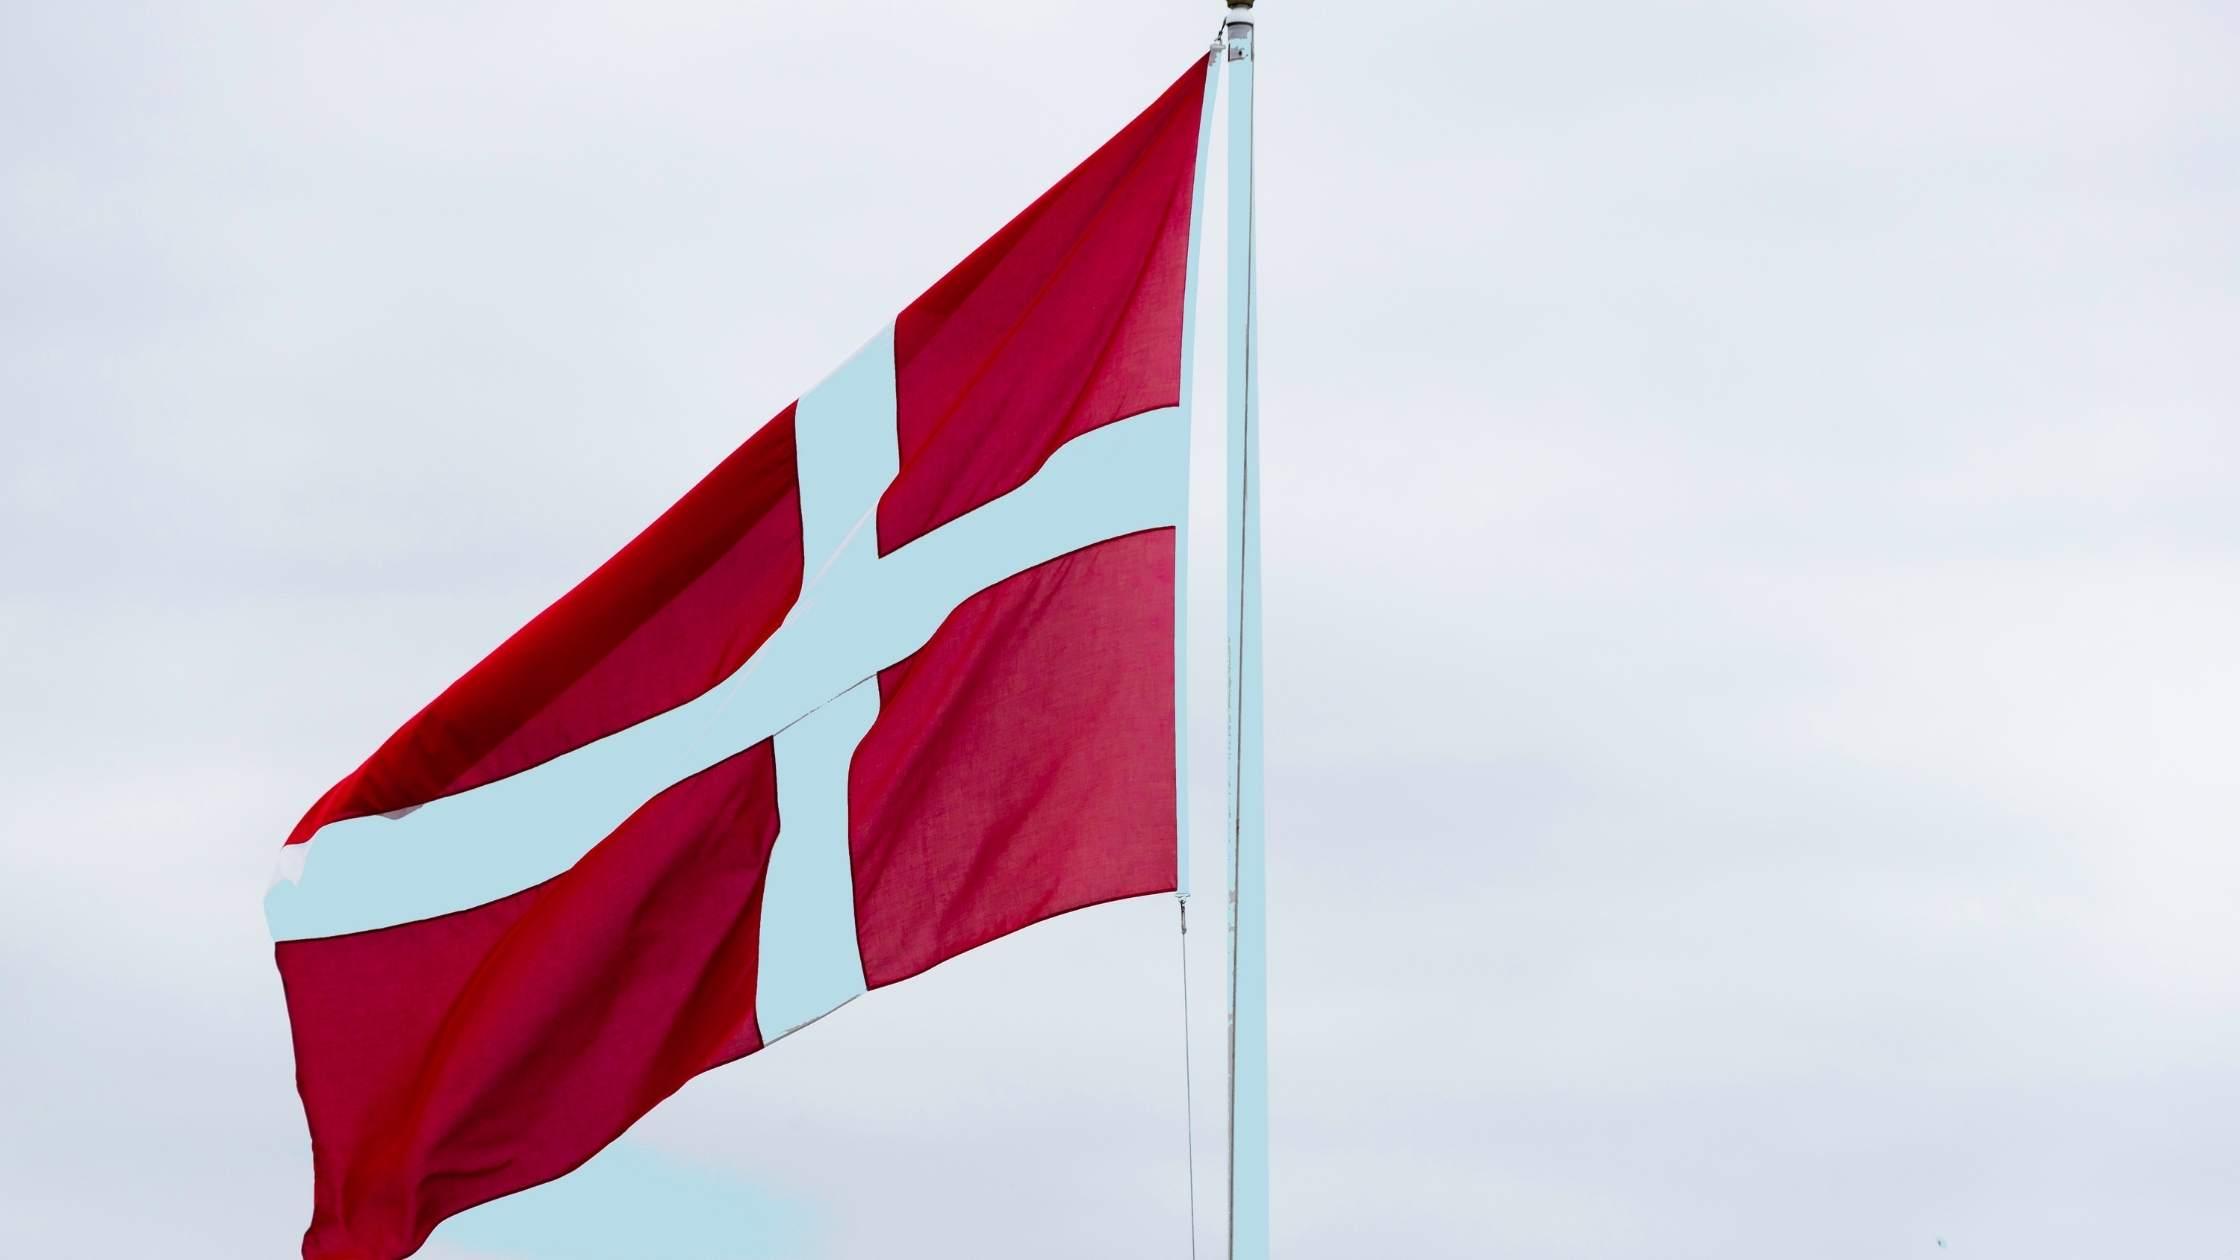 العلم الدنماركي